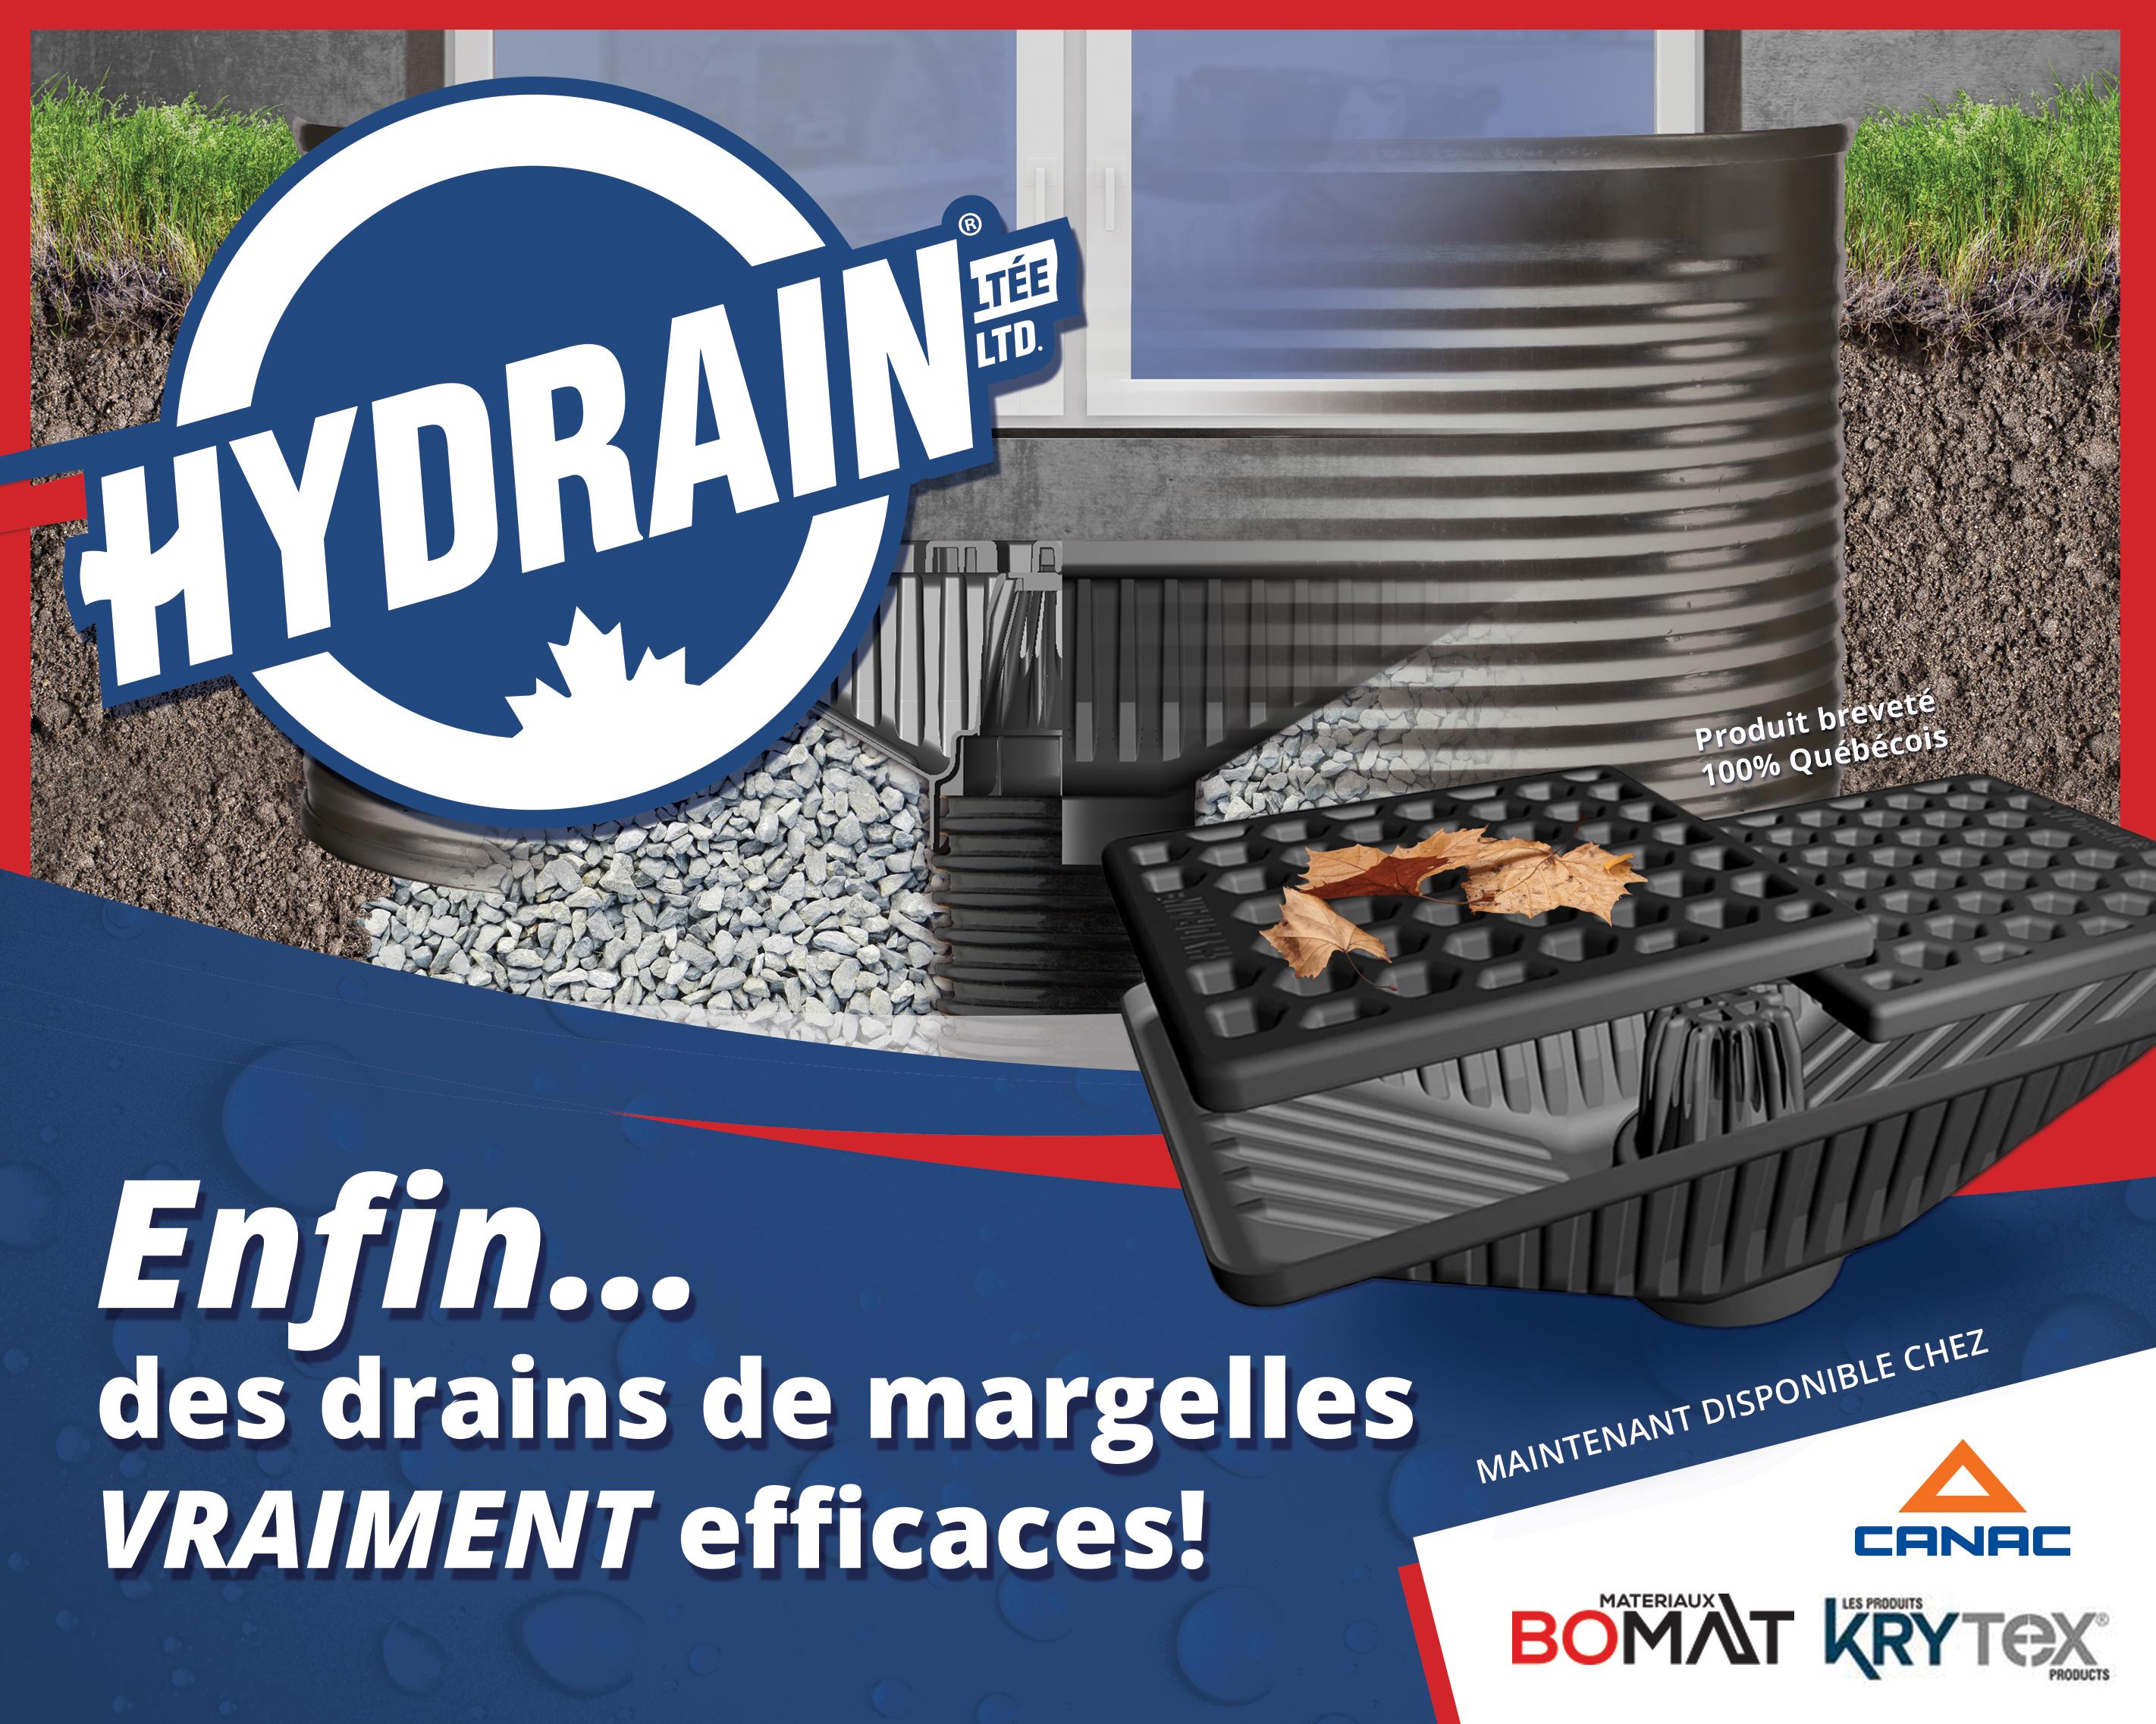 Publicite-Hydrain-Quebec-Habitation